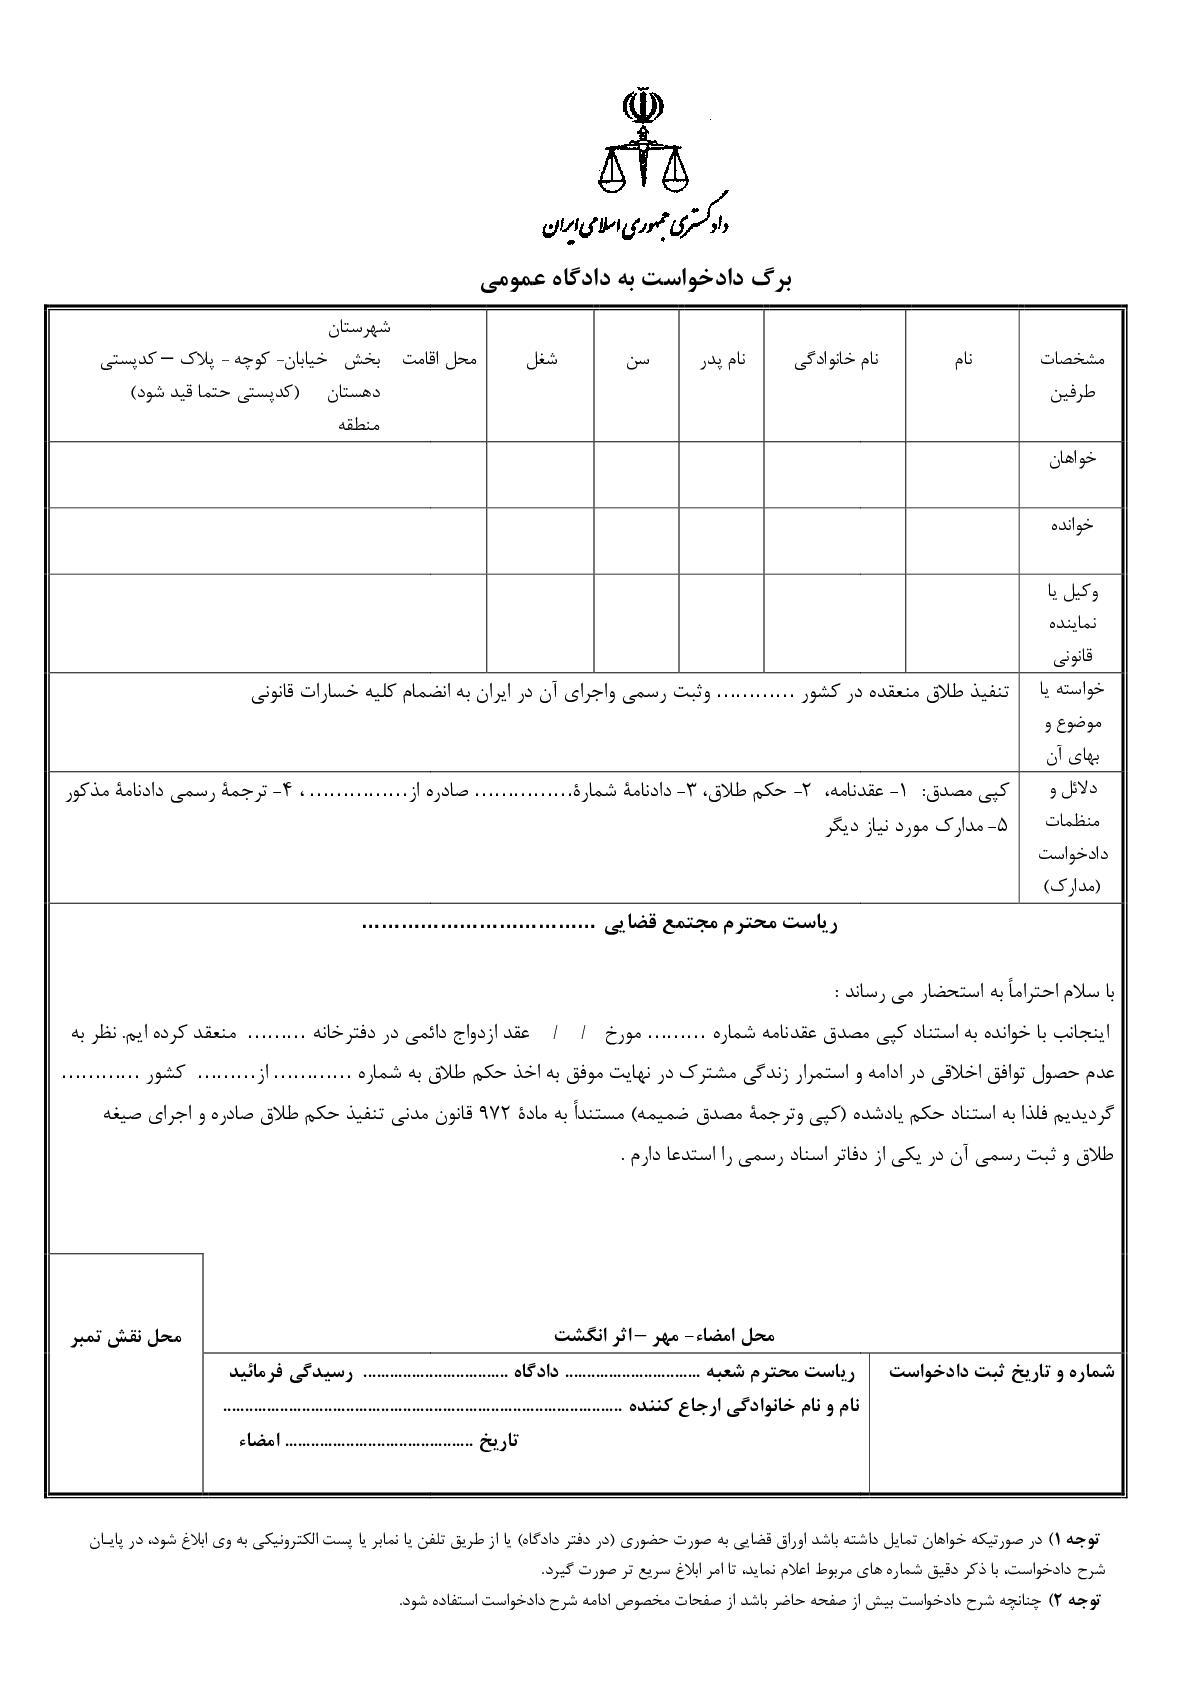 دادخواست تنفیذ طلاق منعقده در کشور ………… وثبت رسمی واجرای آن در ایران به انضمام کلیه خسارات قانونی